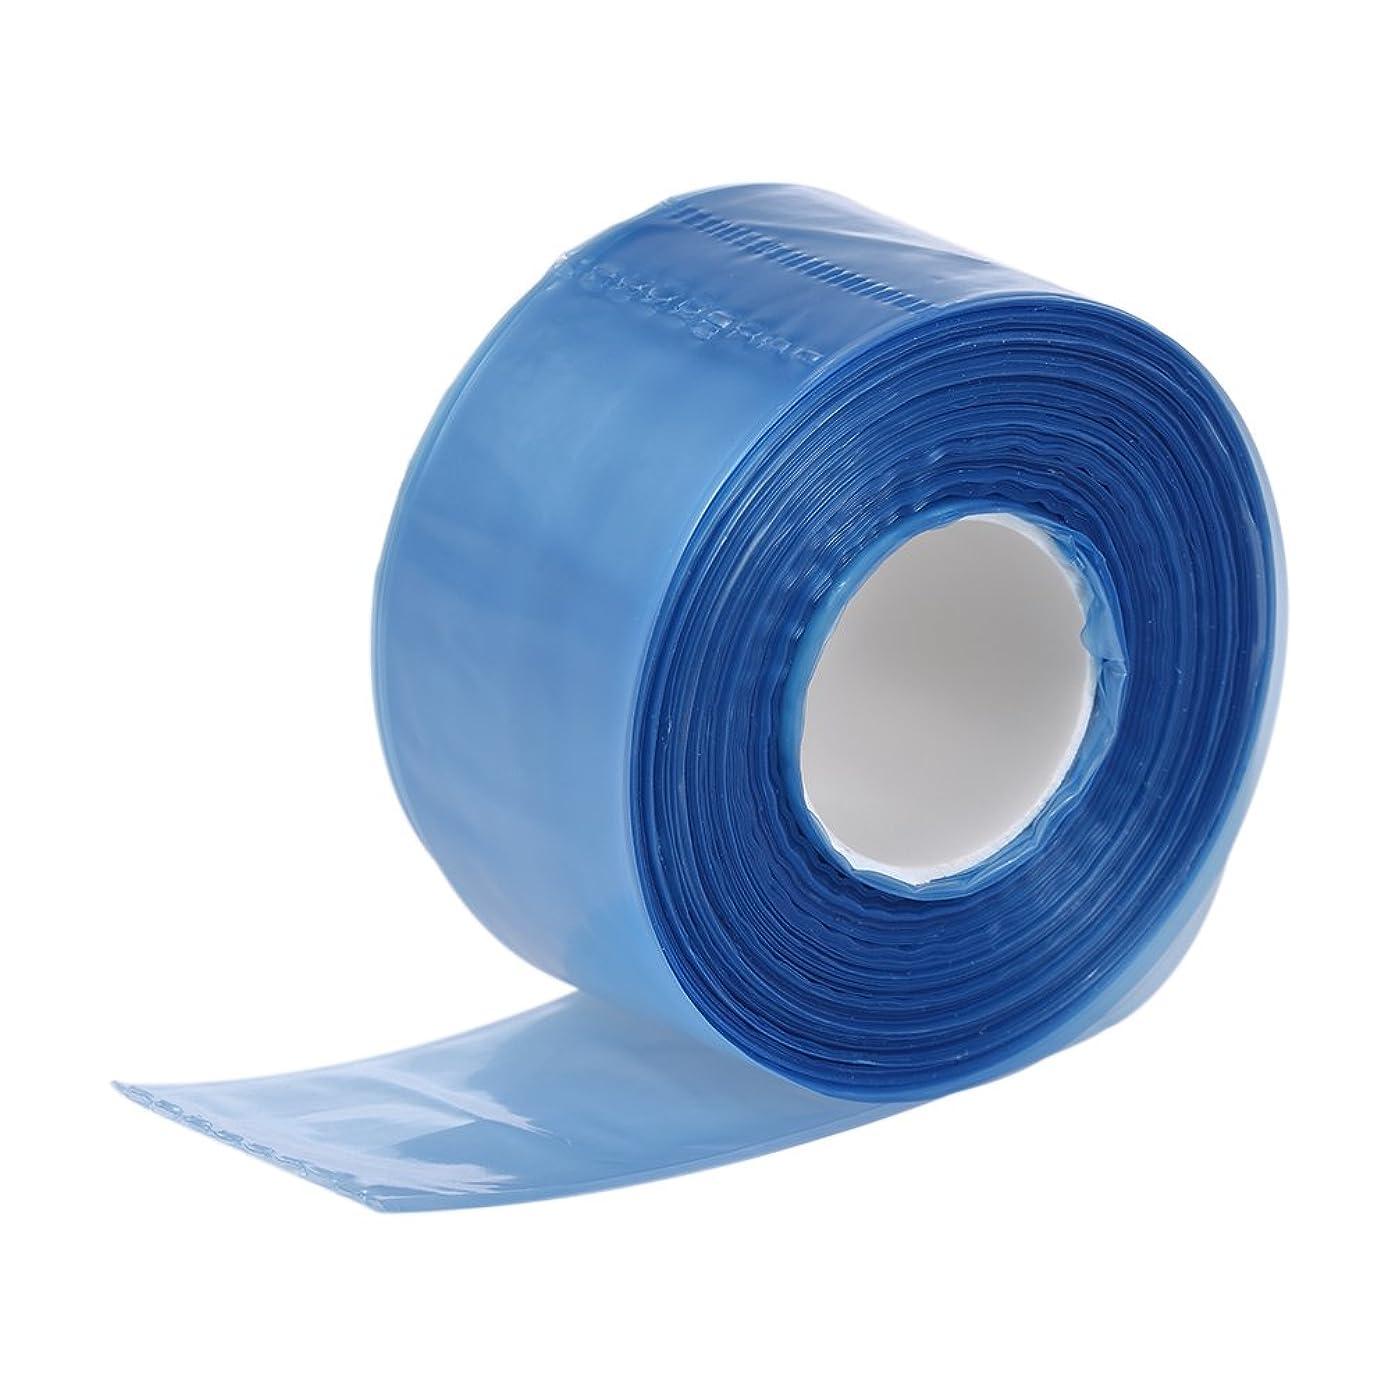 解体する若い通り抜けるDecdeal 200pcs / ボックス メガネの足のためのプラスチック 使い捨てのカバー 細長い袋の髪の着色染色DIYツール